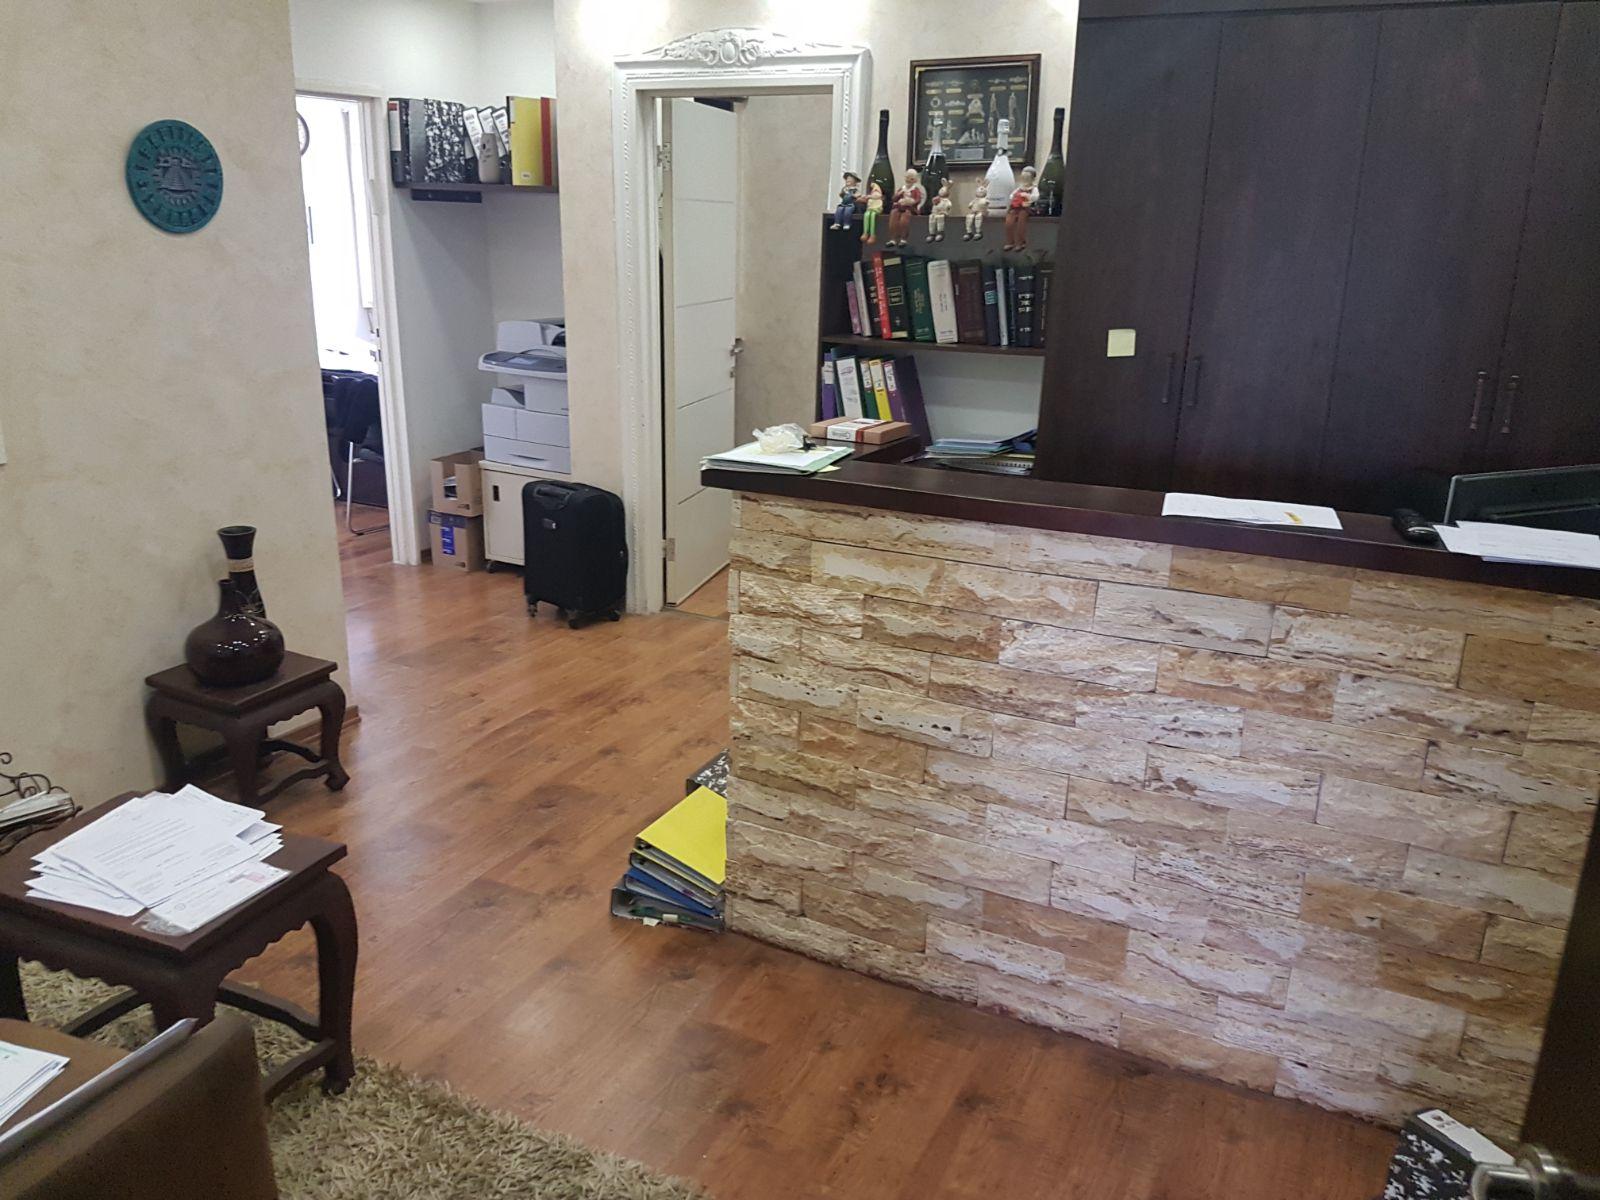 משרד 3 חדרים להשכרה בקריית ביאליק